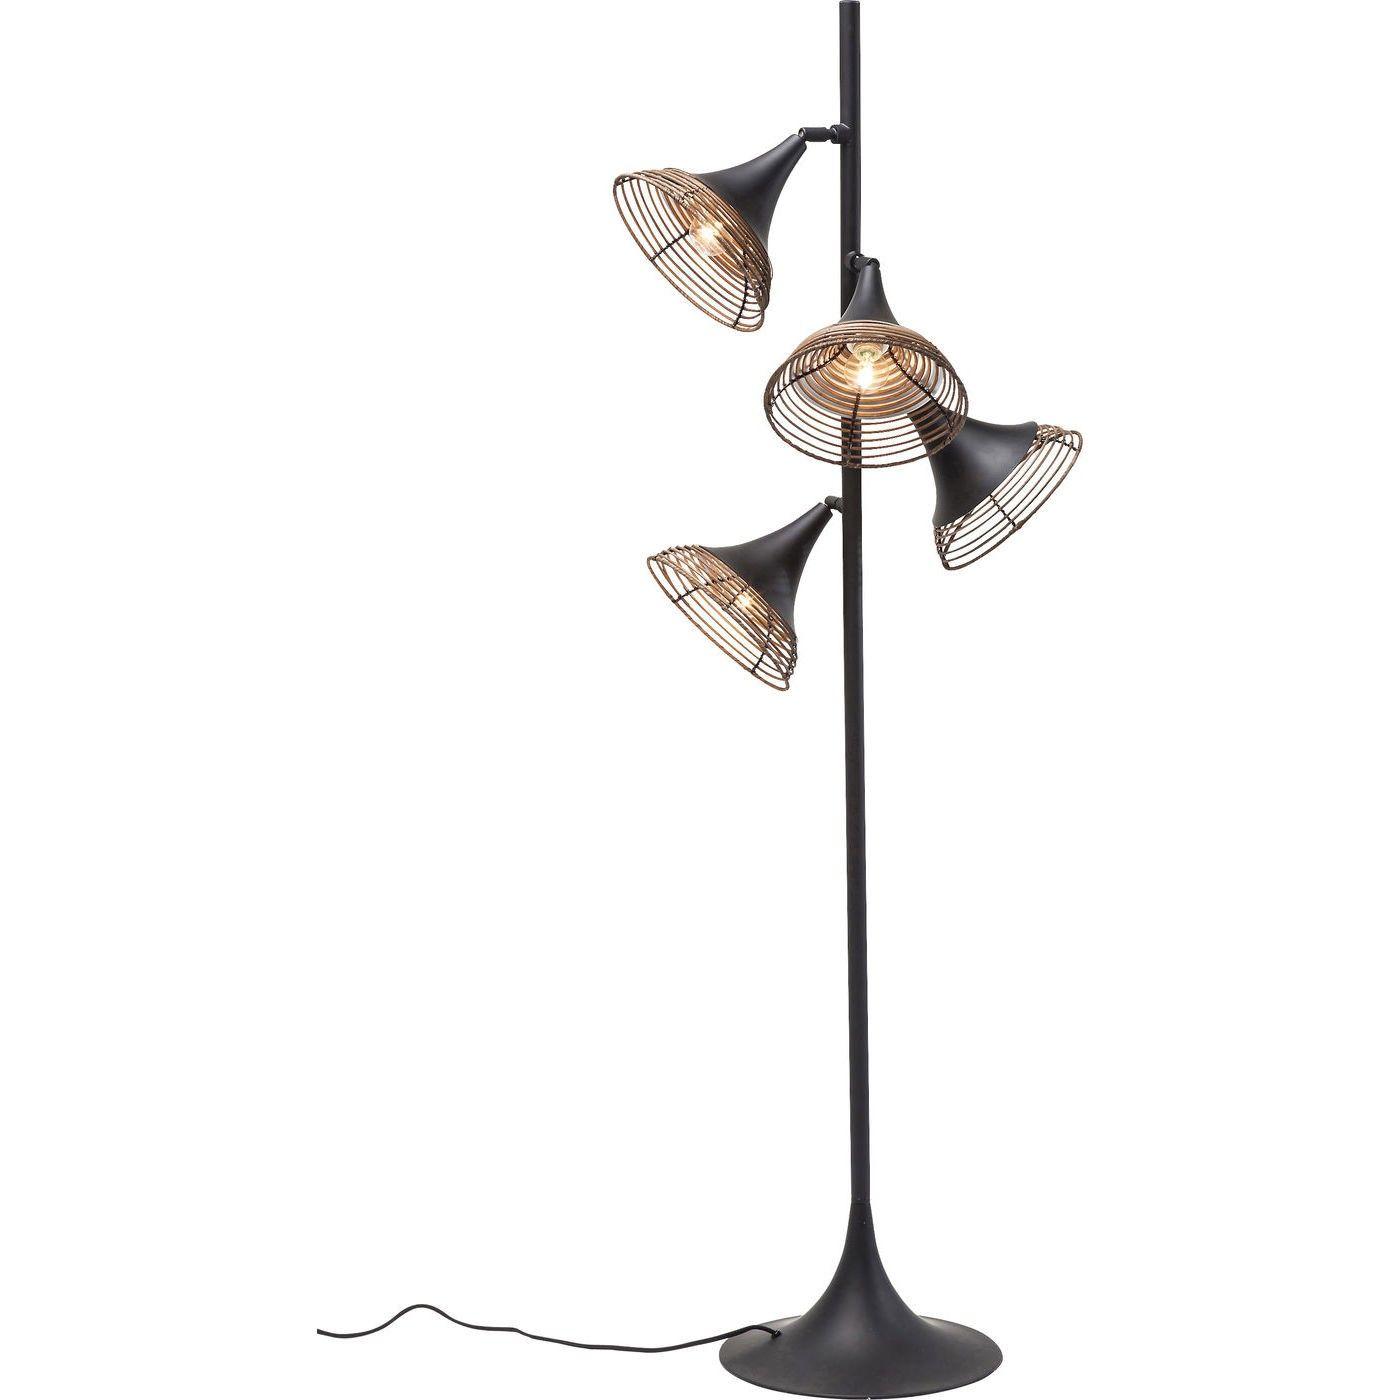 stehlampe rattan. Black Bedroom Furniture Sets. Home Design Ideas